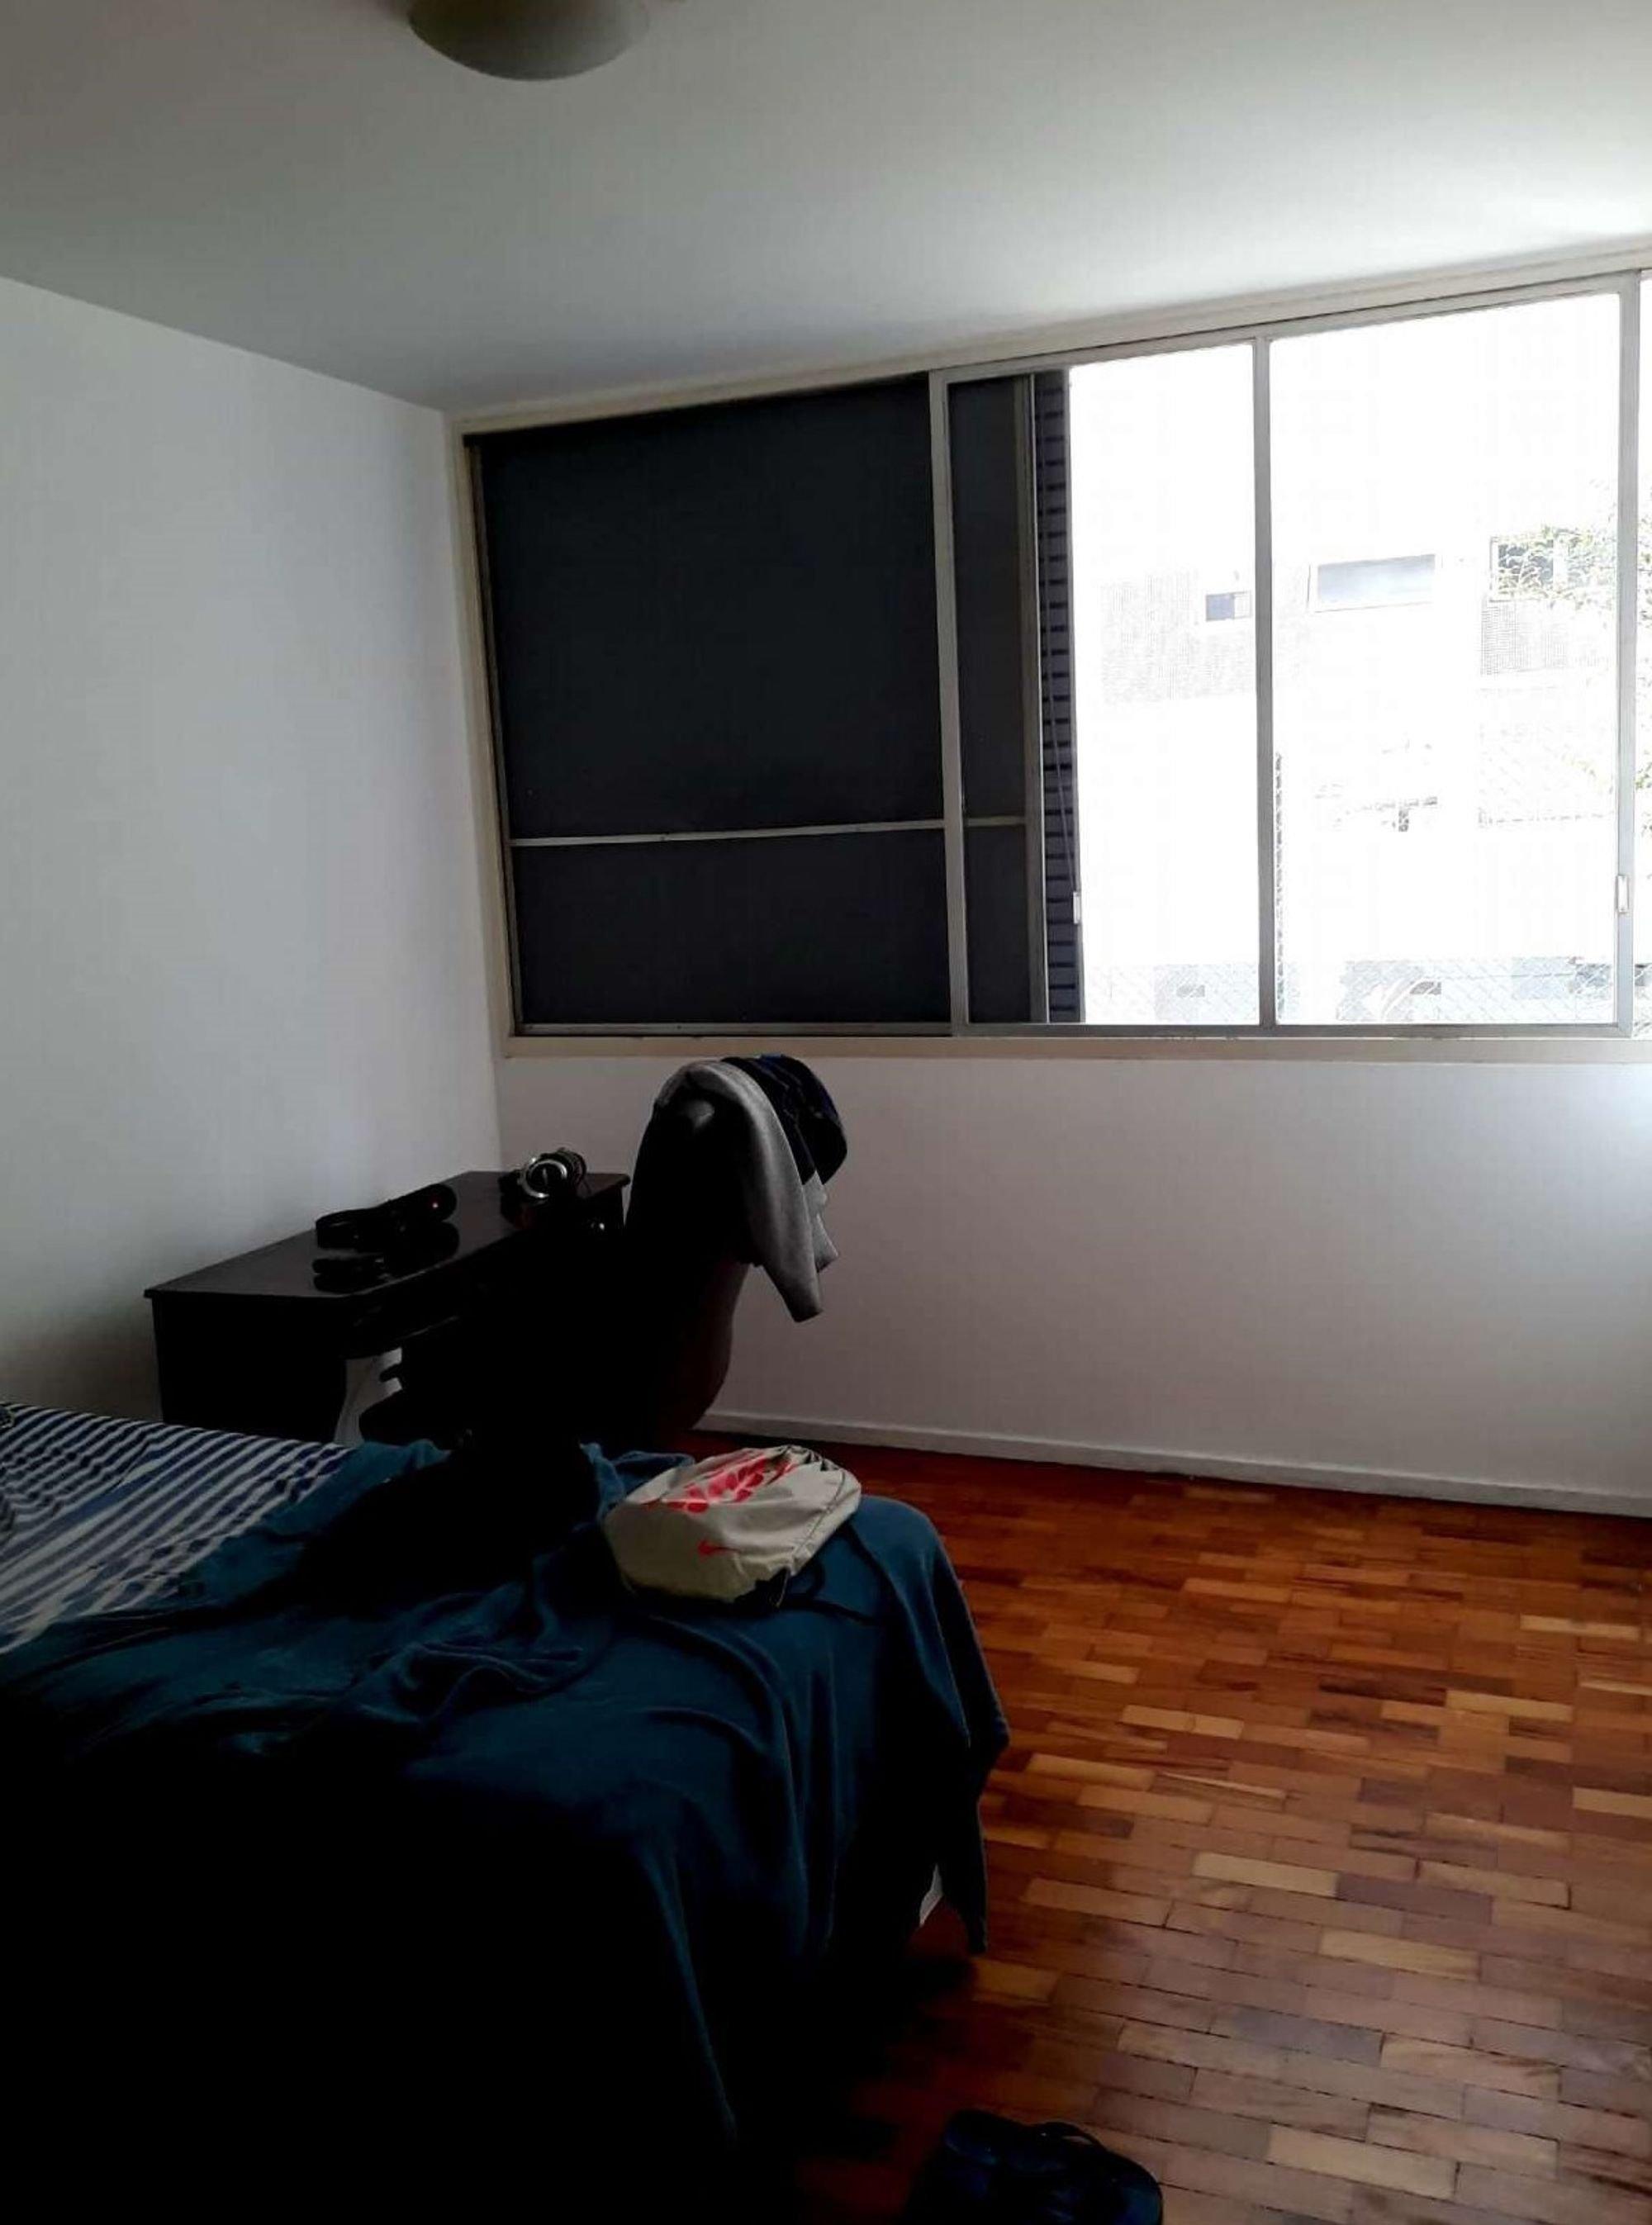 Foto de Quarto com cama, cão